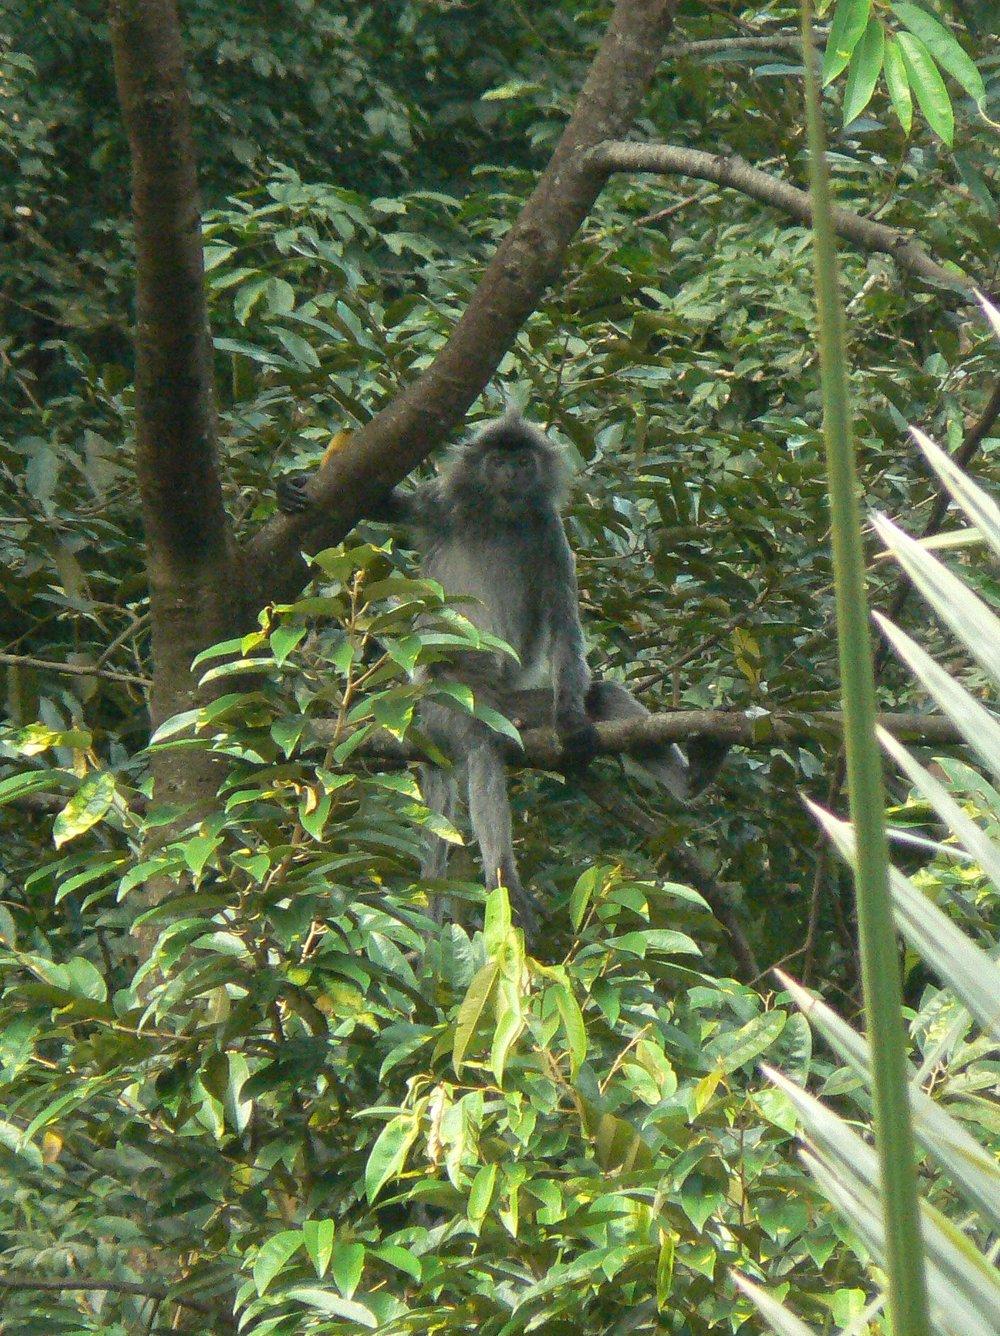 Silver leaf monkey (Trachypithecus cristatus)